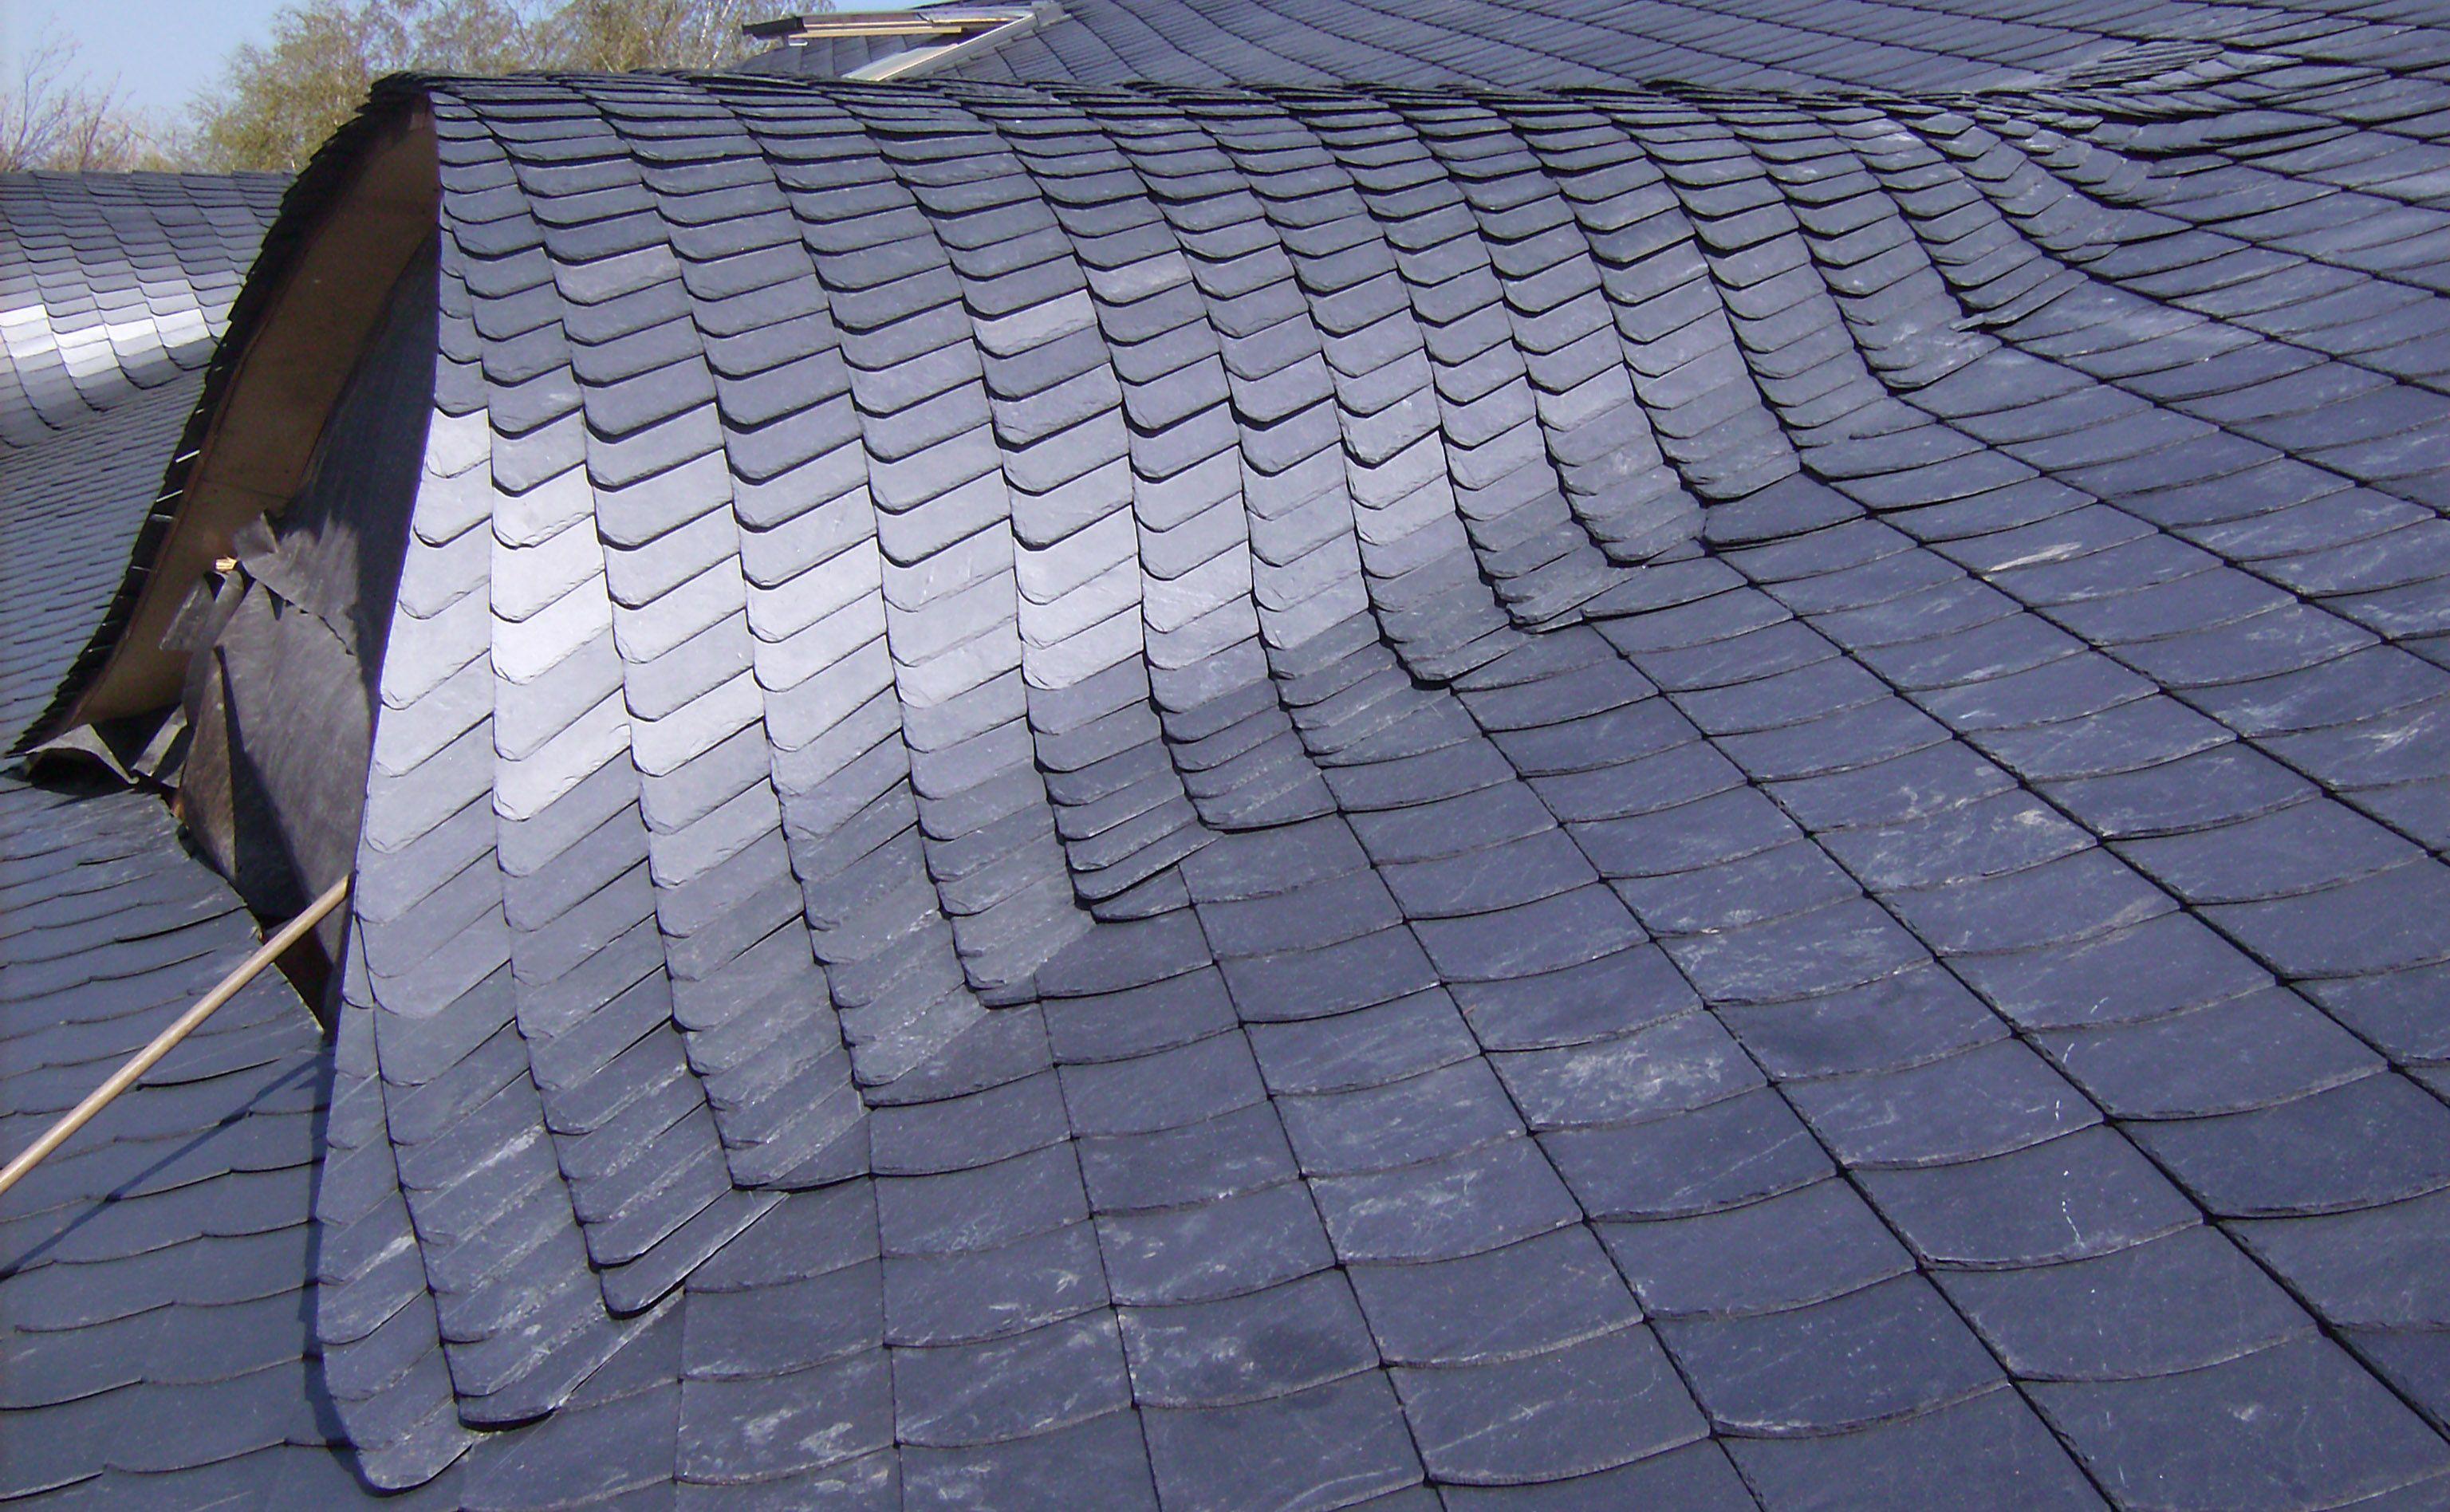 Pin Van Yehre Suh Op Roof Dakpannen Huis